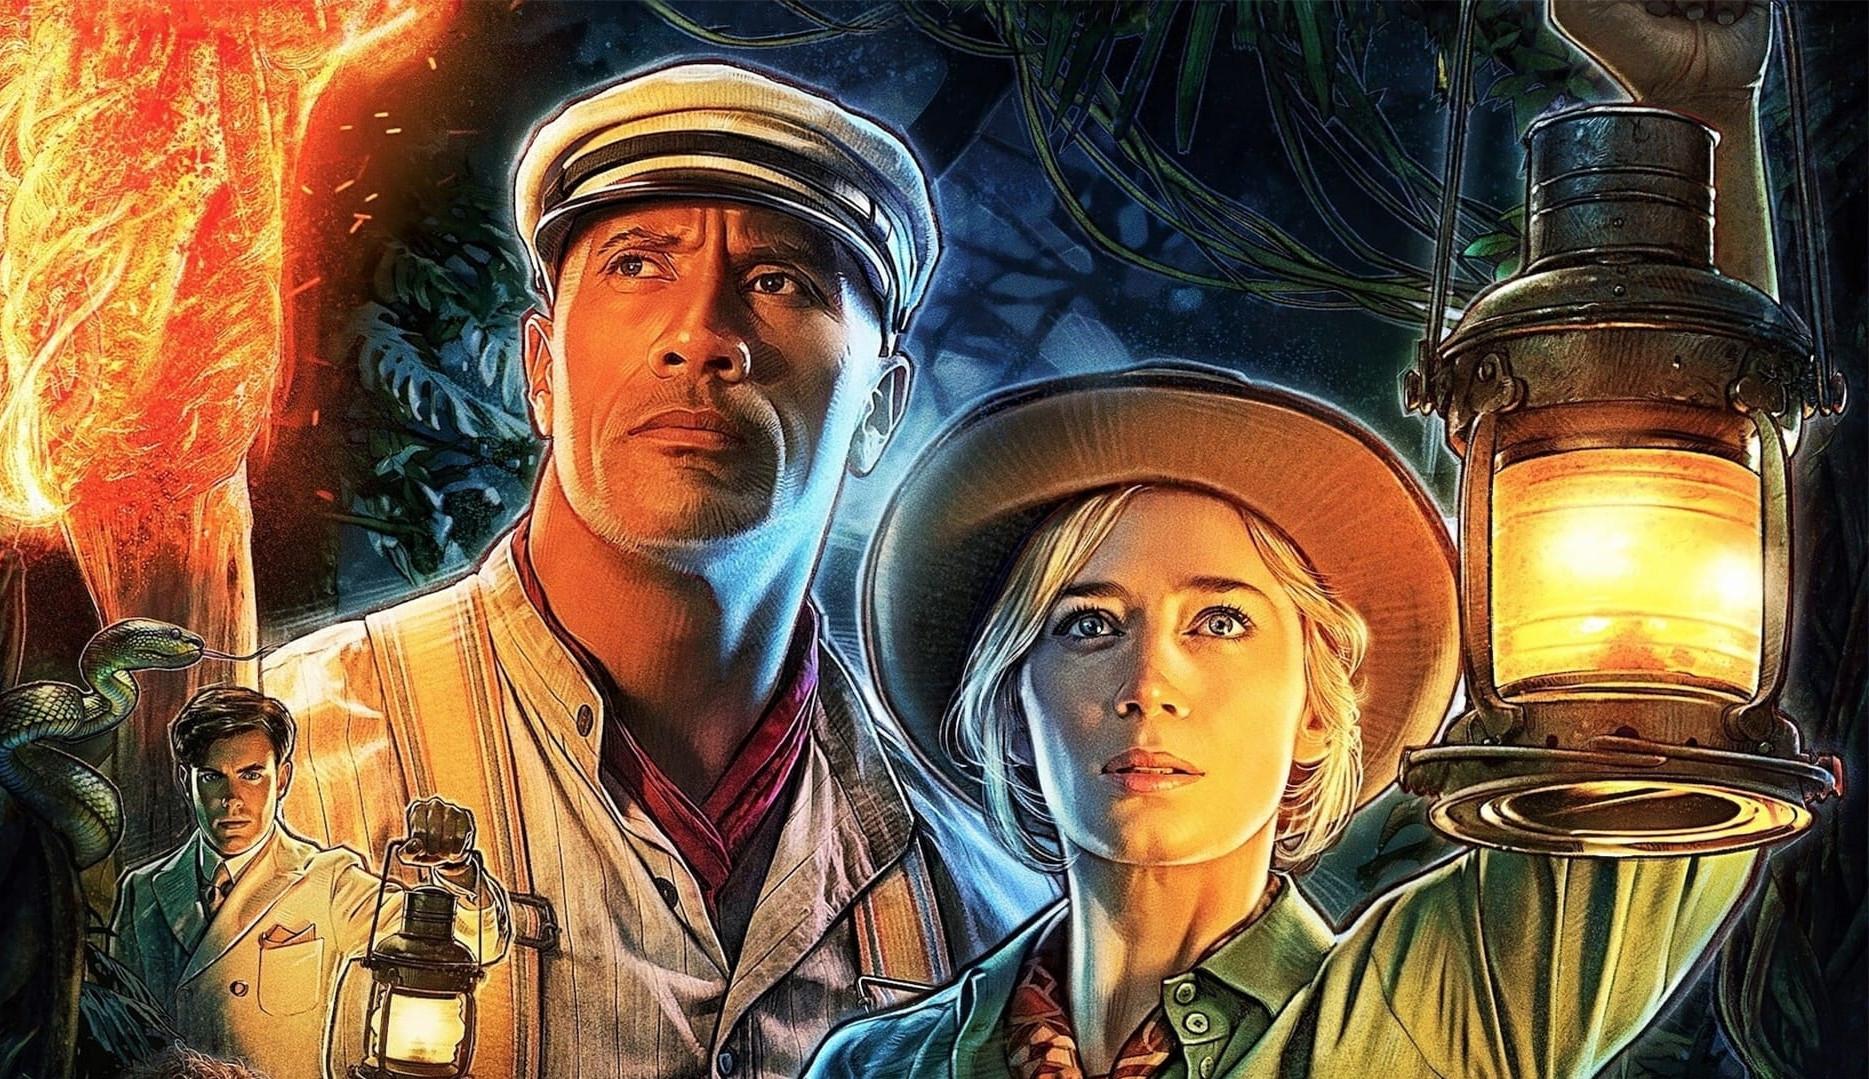 Disney confirma que já está trabalhando na sequência de 'Jungle Cruise'